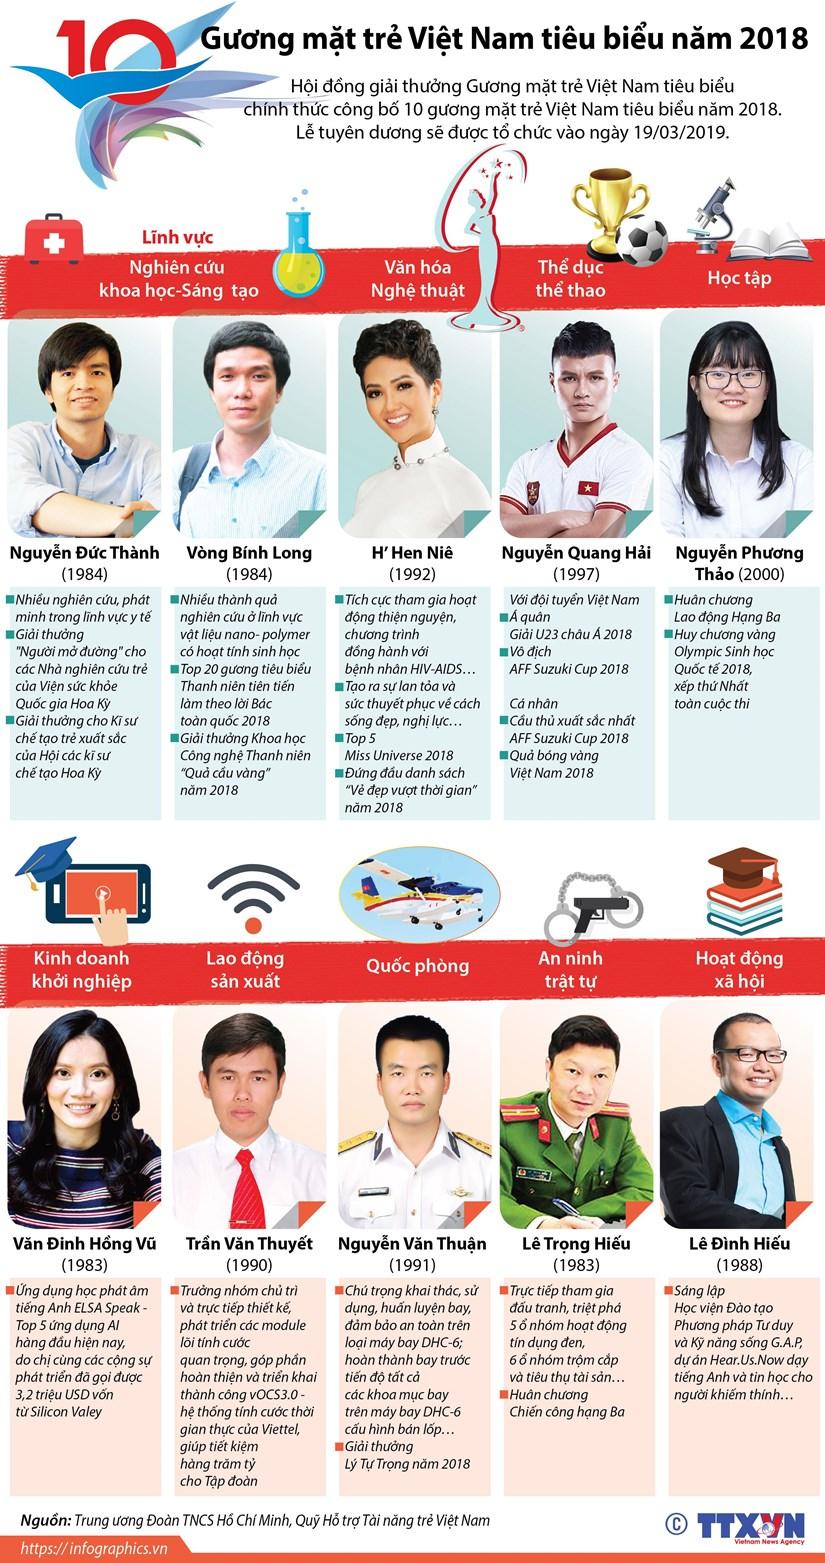 [Infographics] 10 Gương mặt trẻ Việt Nam tiêu biểu năm 2018